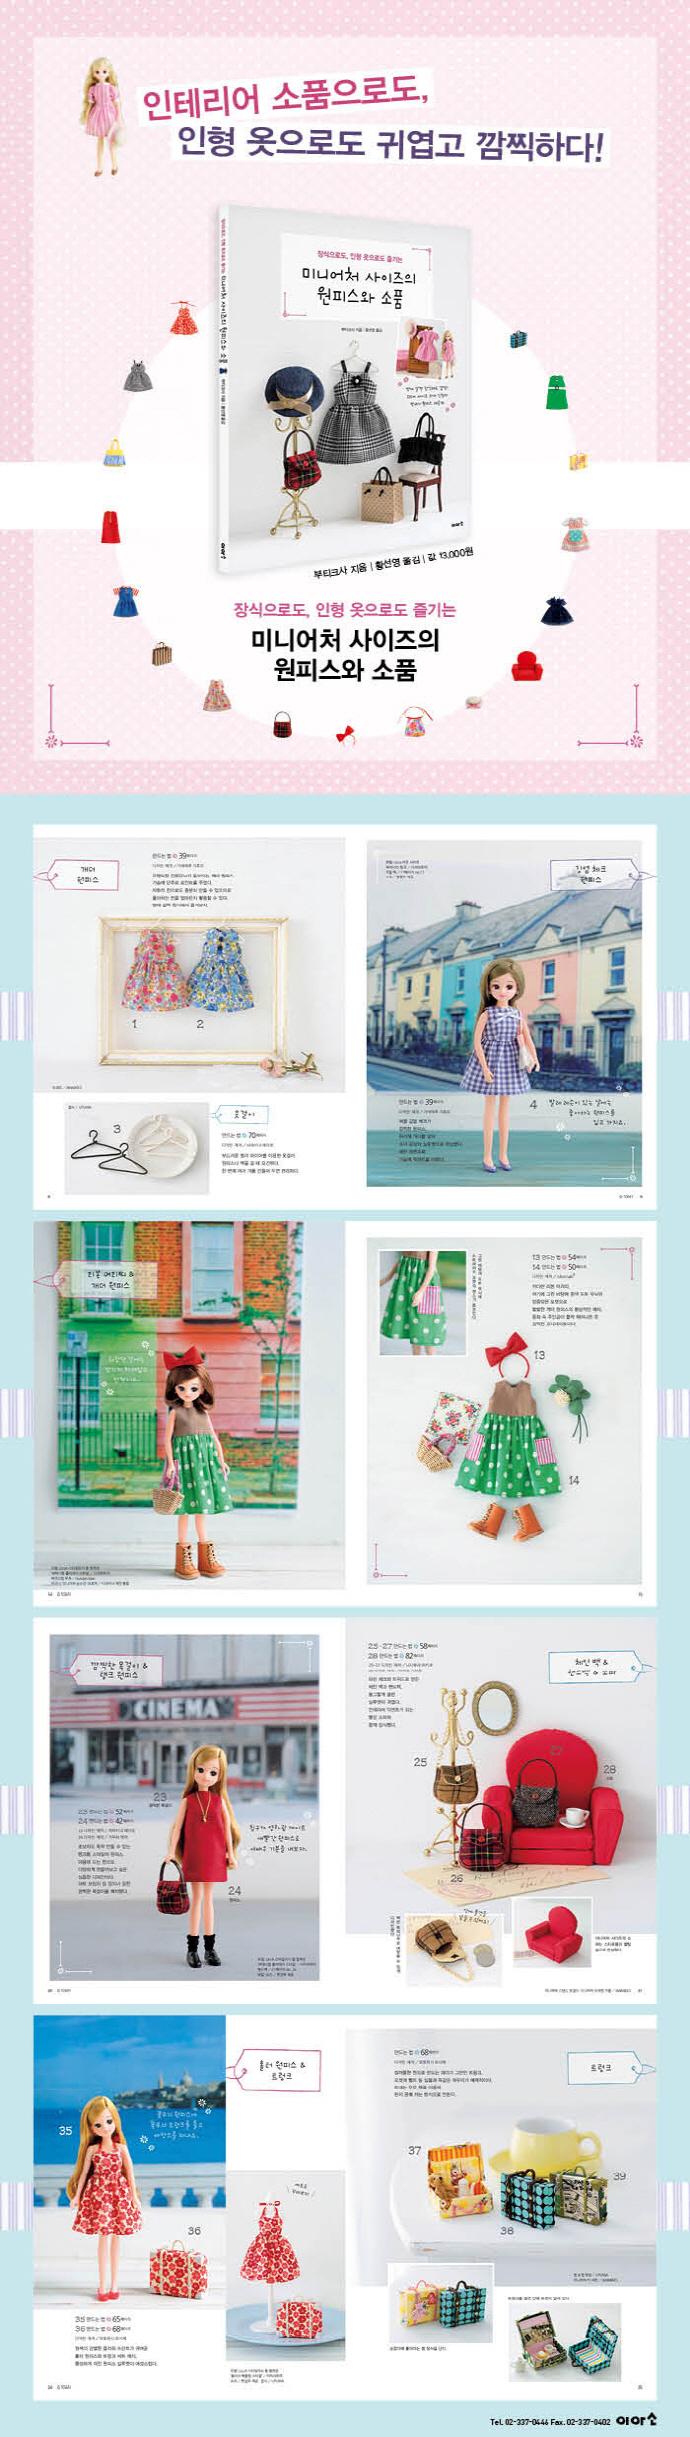 미니어처 사이즈의 원피스와 소품(장식으로도, 인형 옷으로도 즐기는) 도서 상세이미지